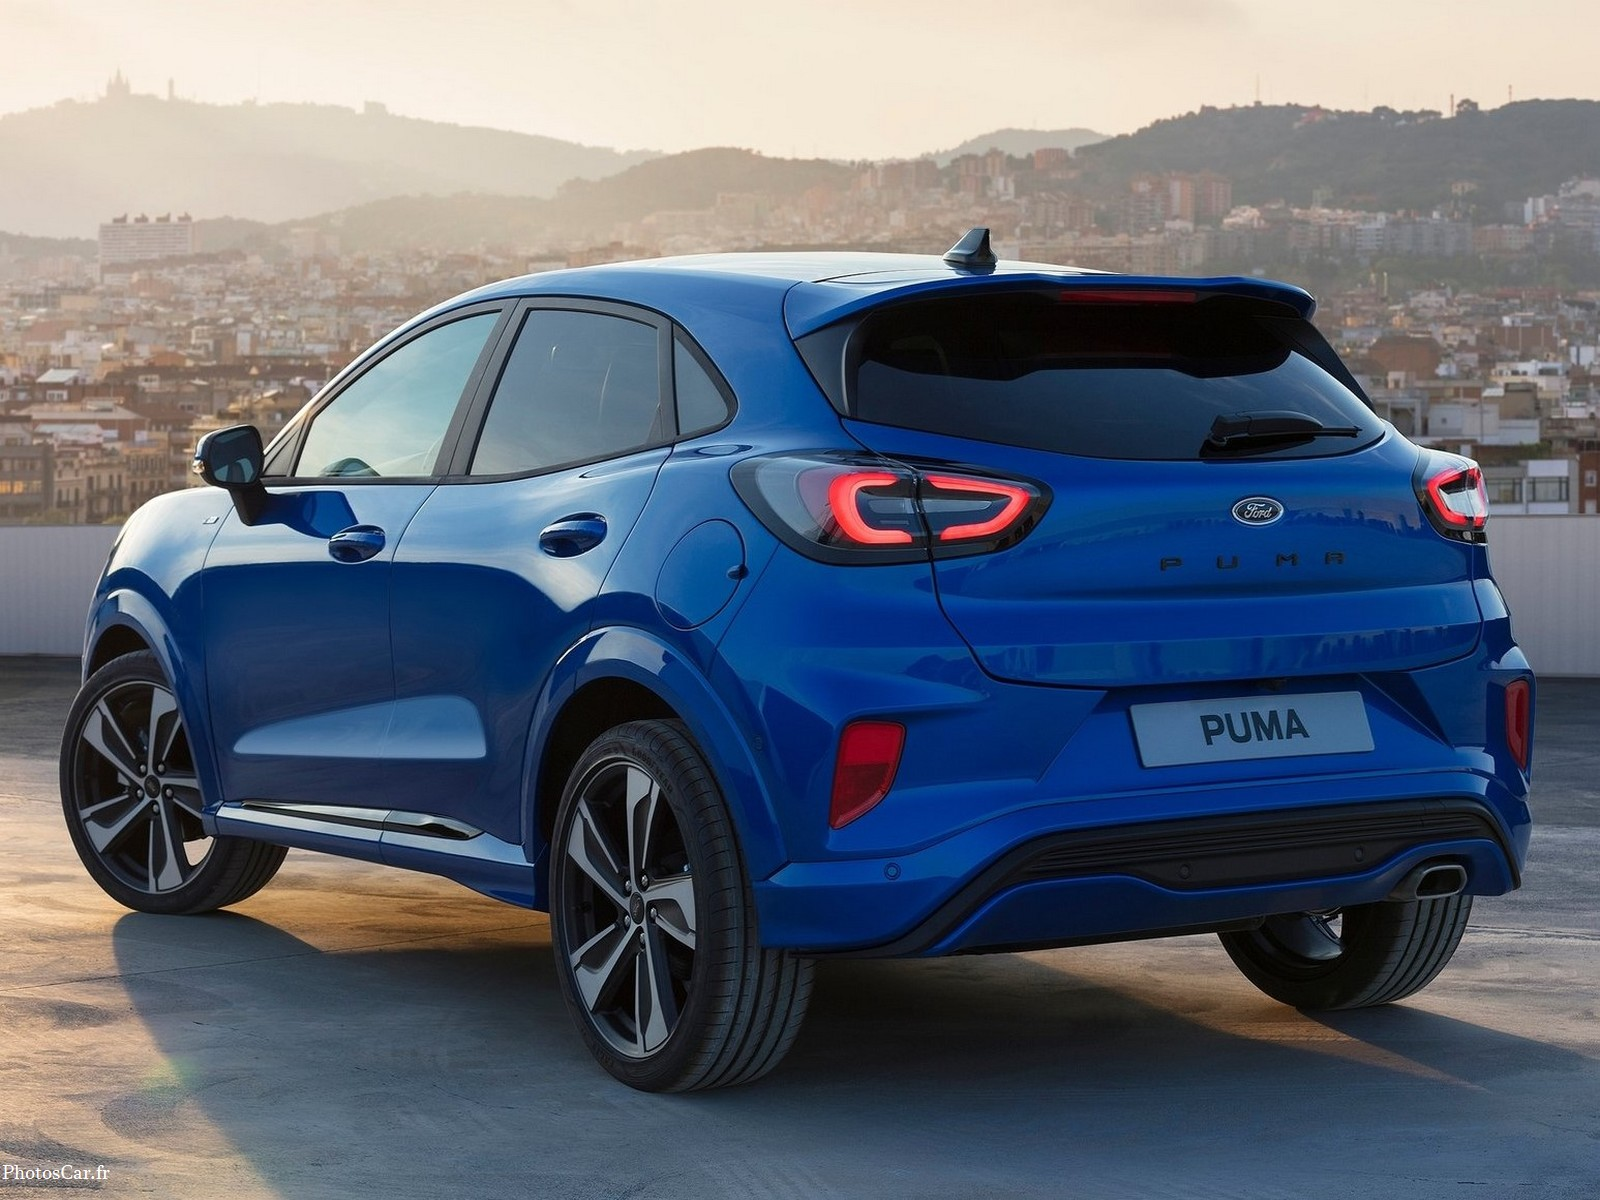 Ford Puma 2020